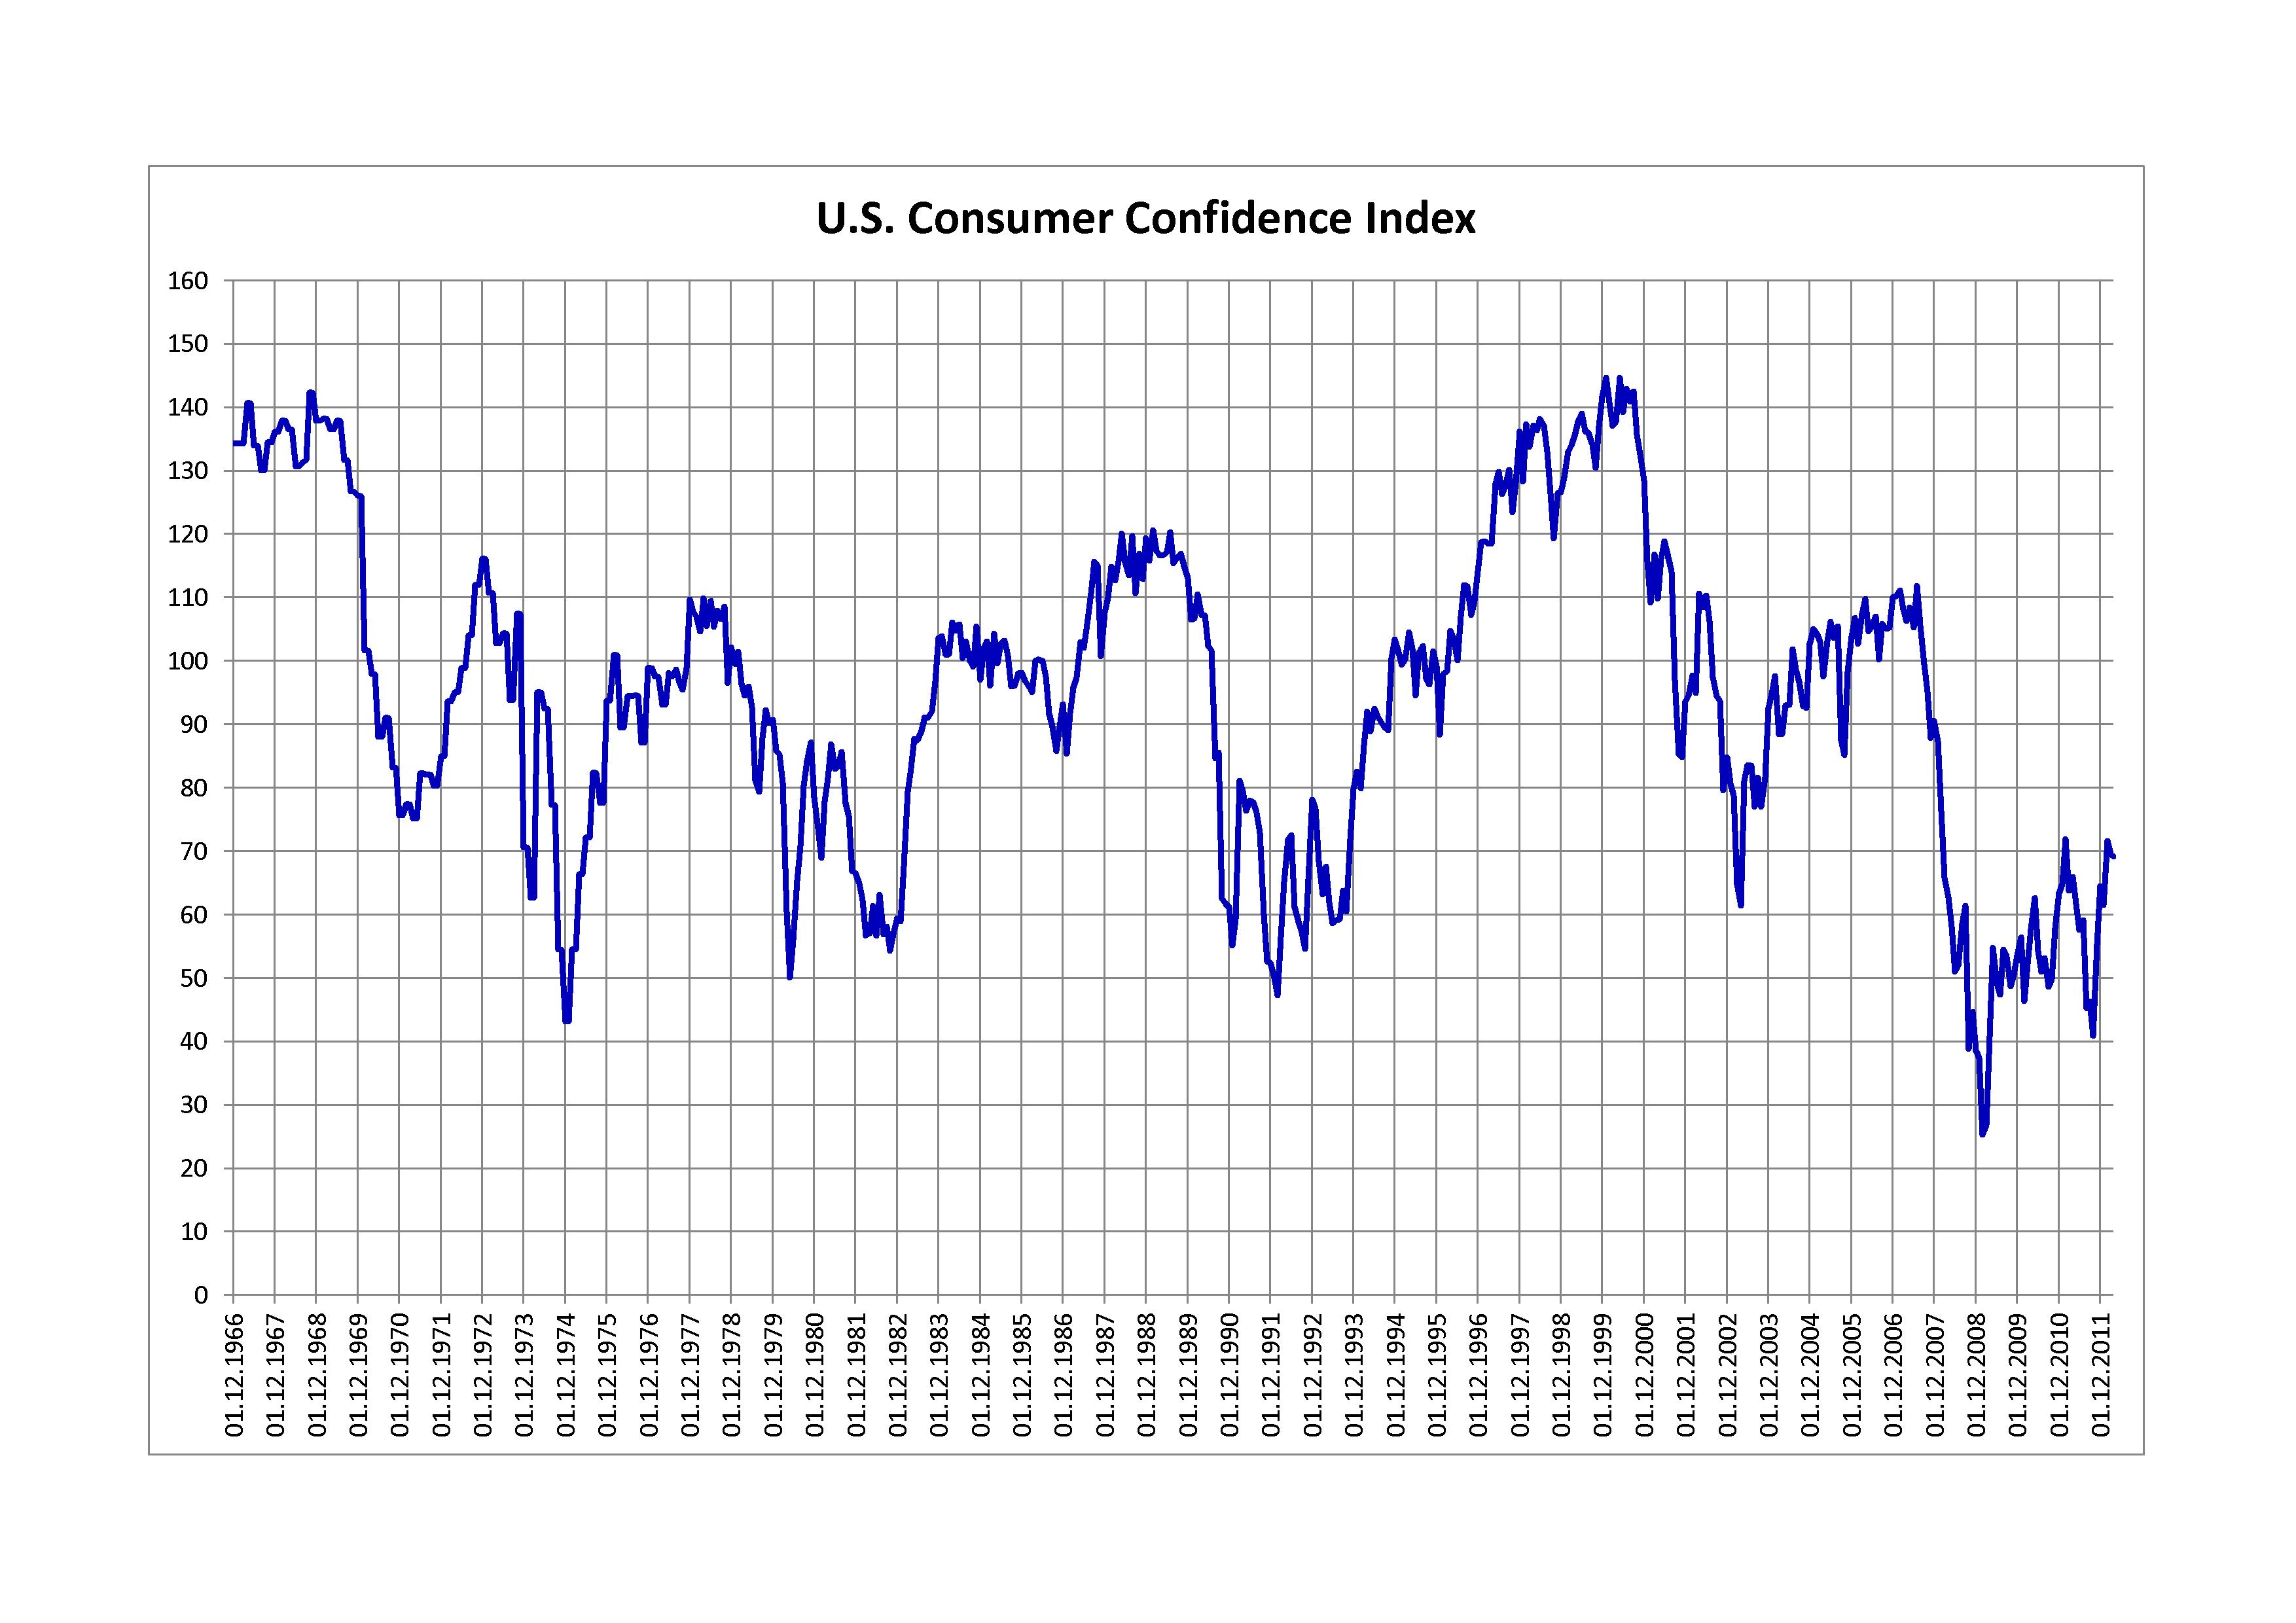 datos del índice de confianza del consumidor de EE.UU